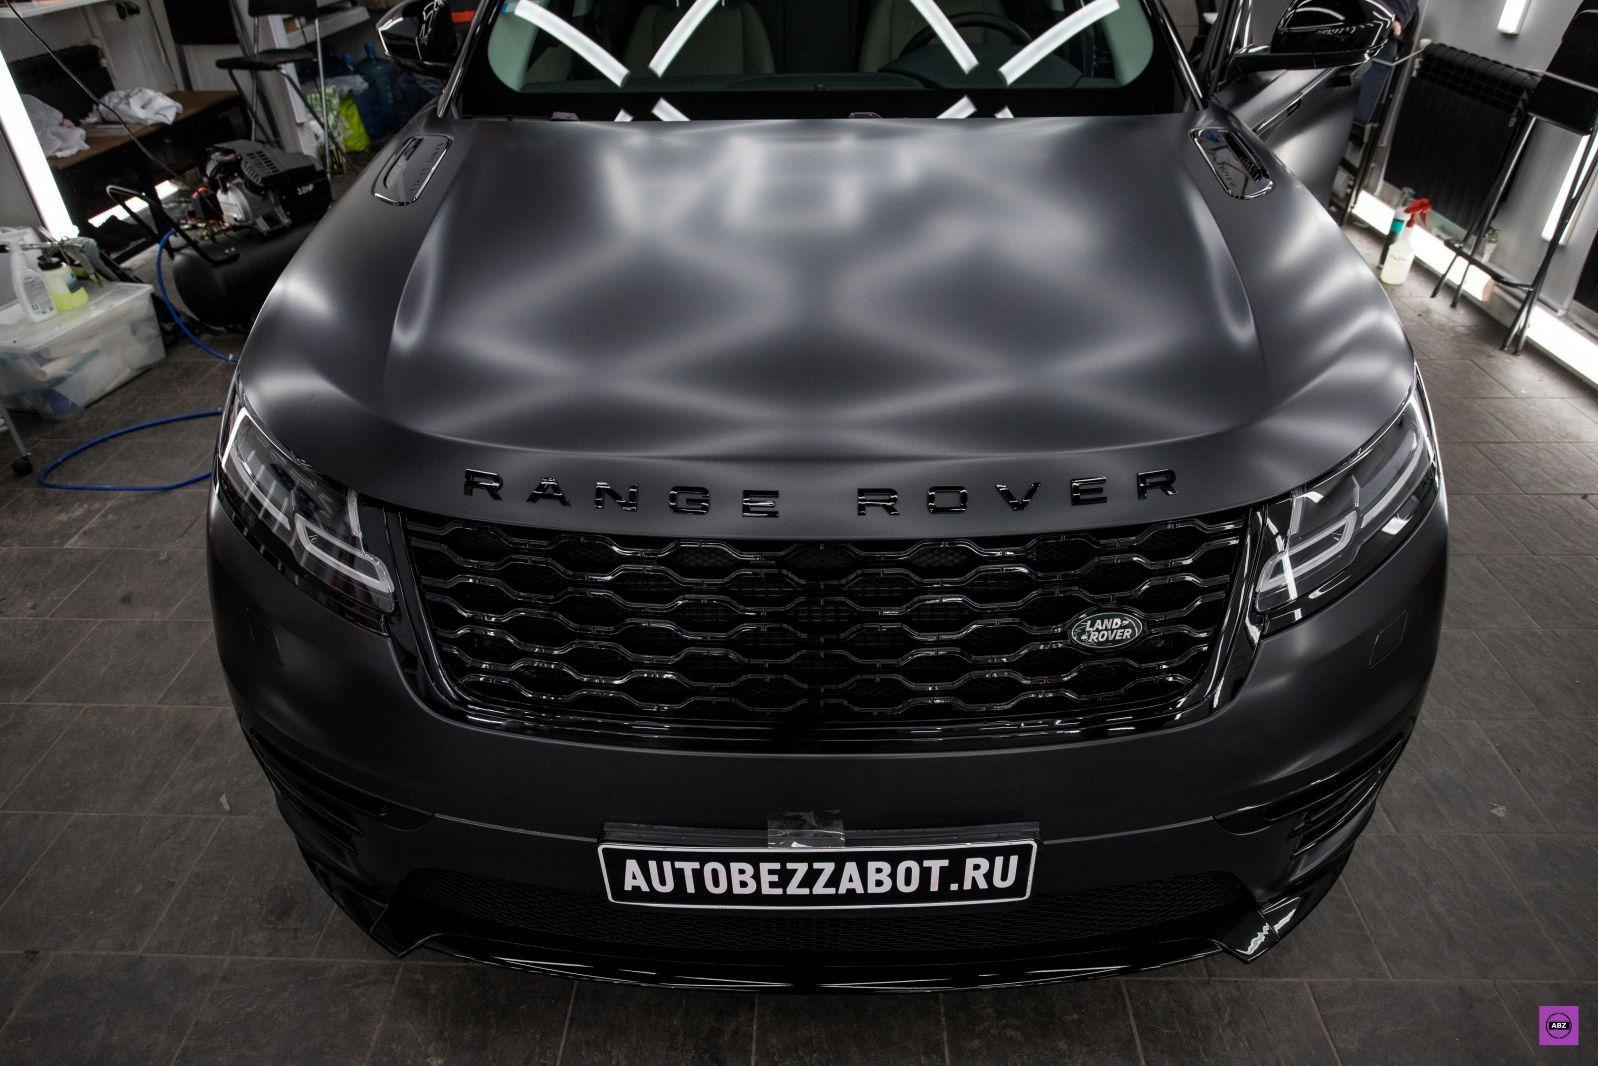 Range Rover Velar из металлика в мат в 2020 г Мате